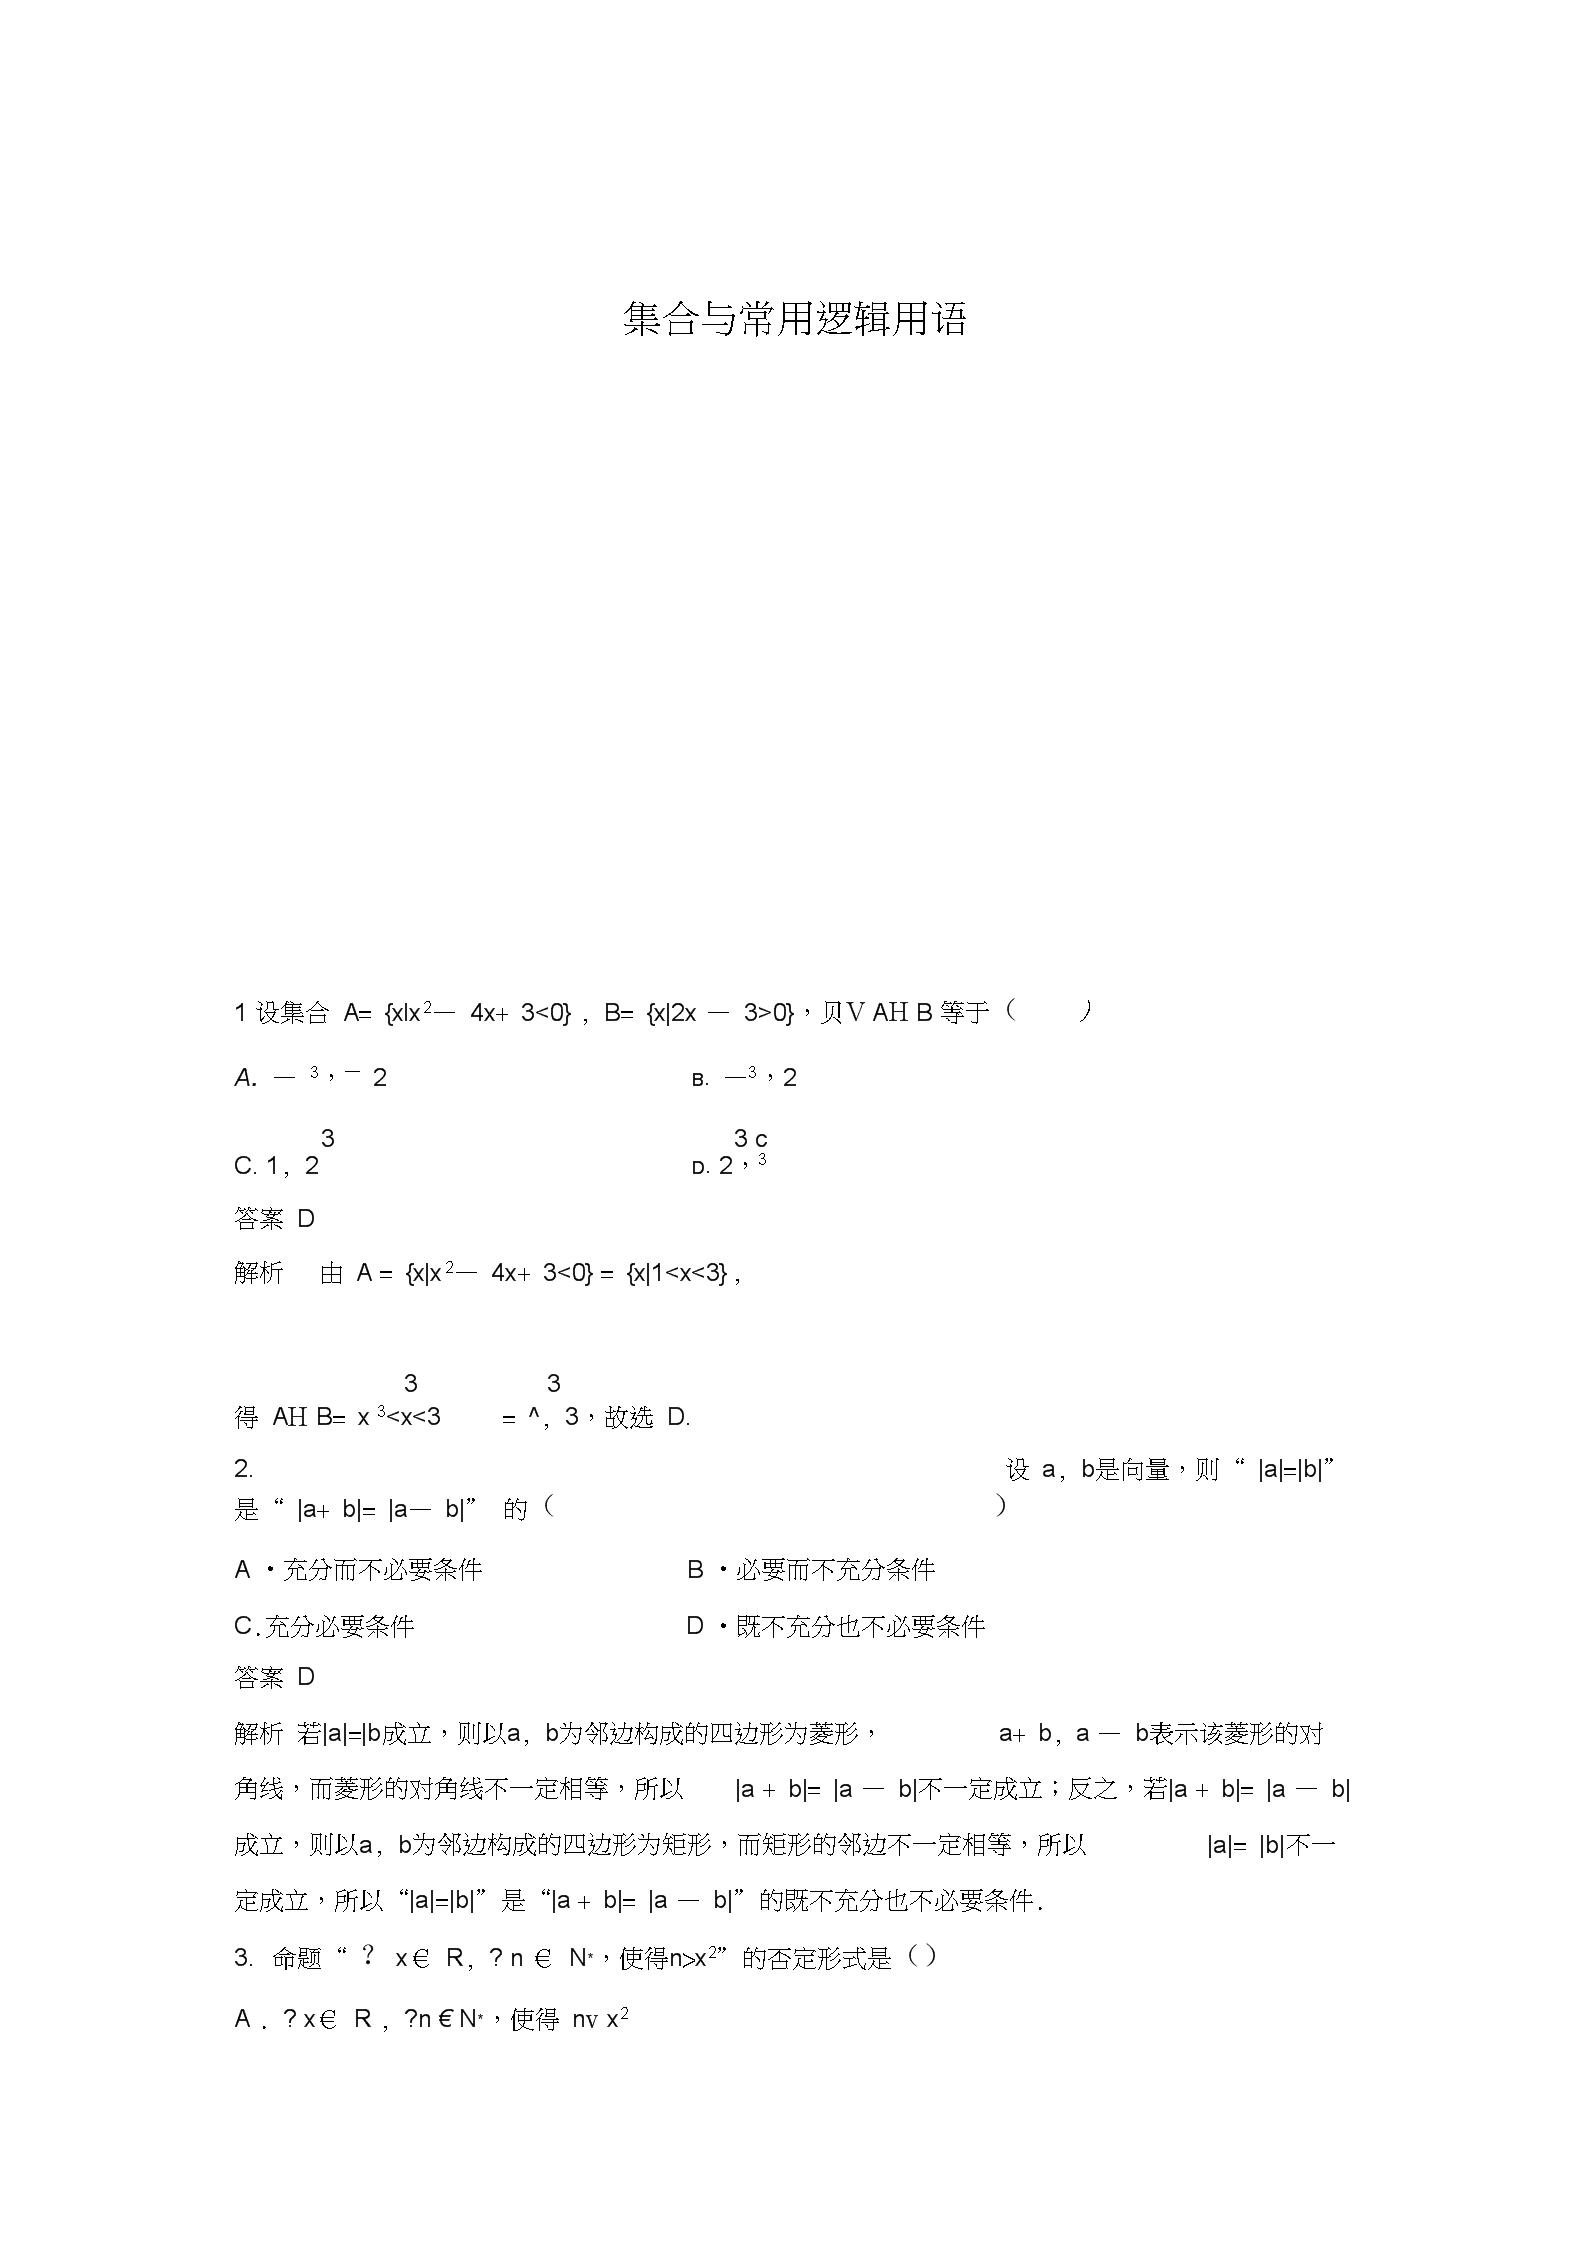 专题1集合与常用逻辑用语、不等式第1讲集合与常用逻辑用语、不等式.docx